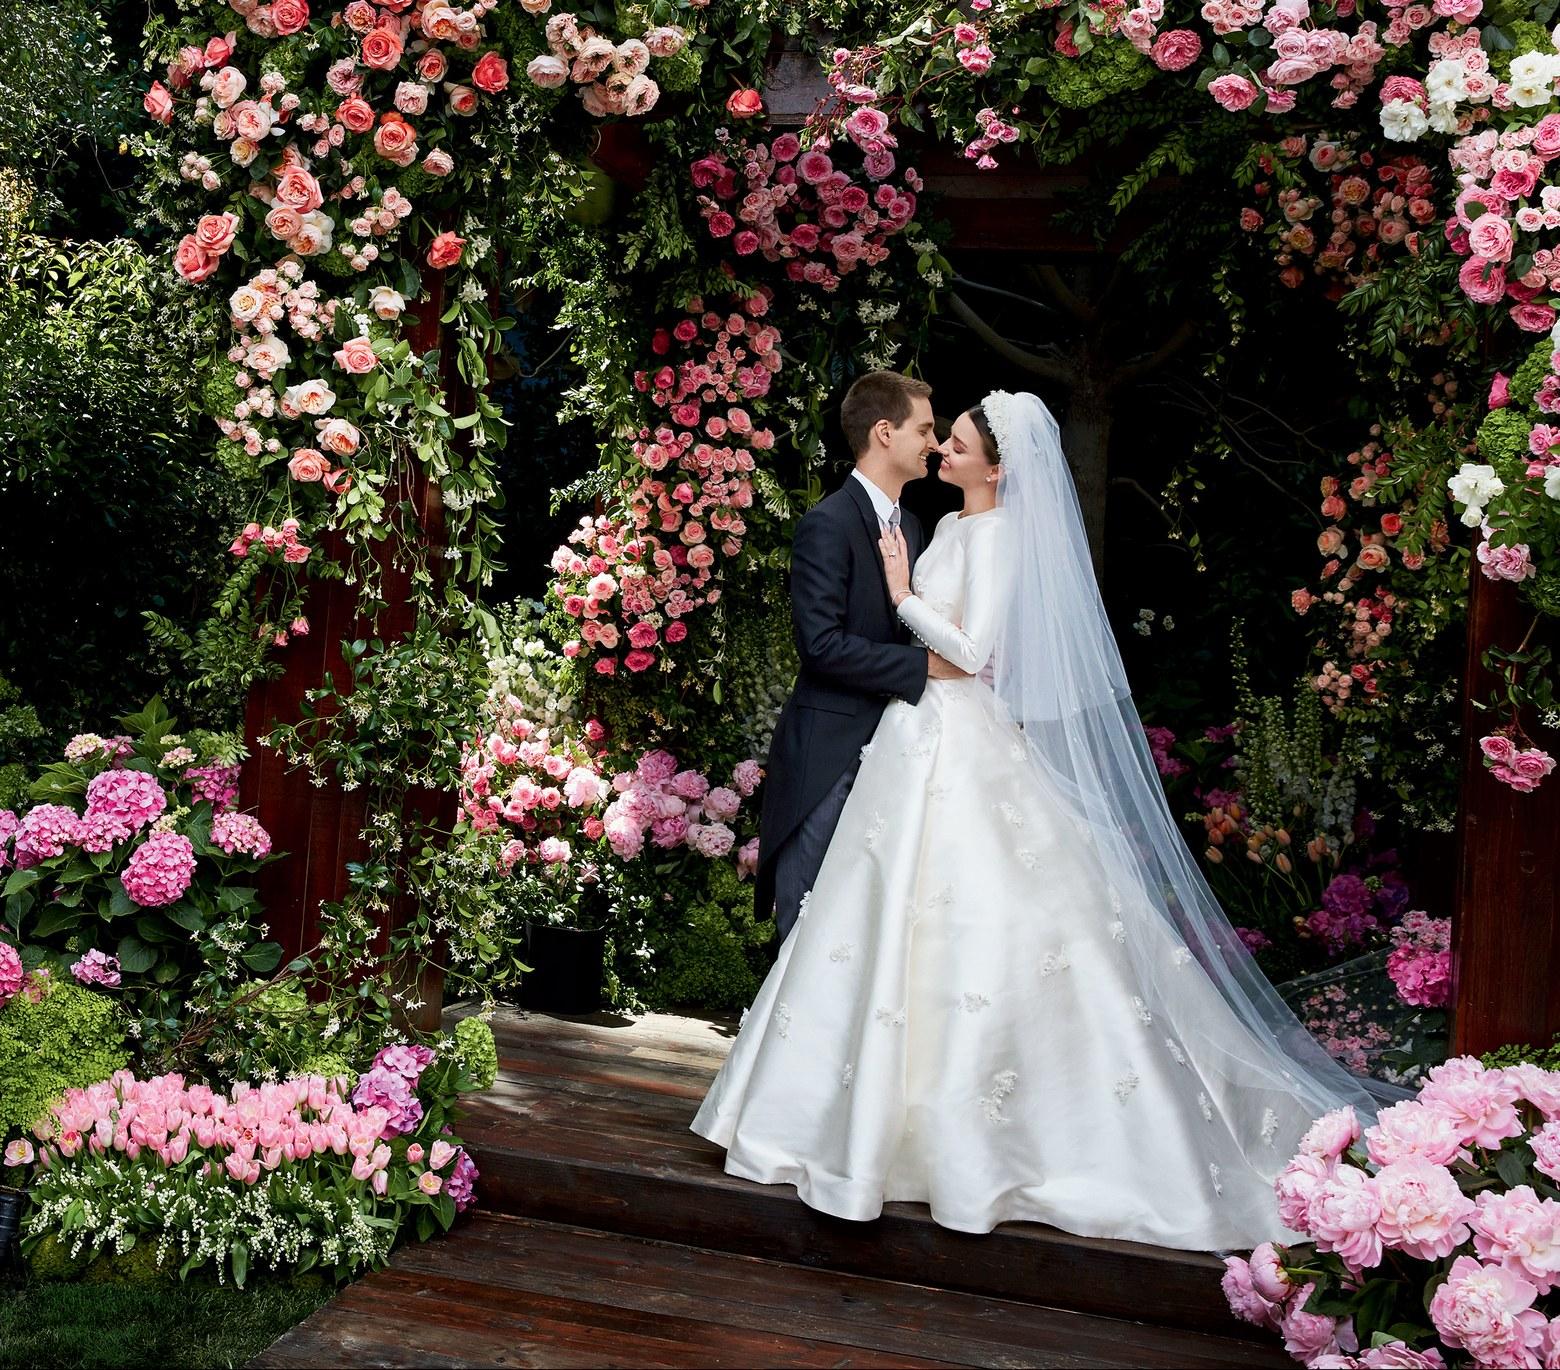 Đám cưới là dịp đặc biệt quan trọng bởi thế cần lưu ý khi tổ chức